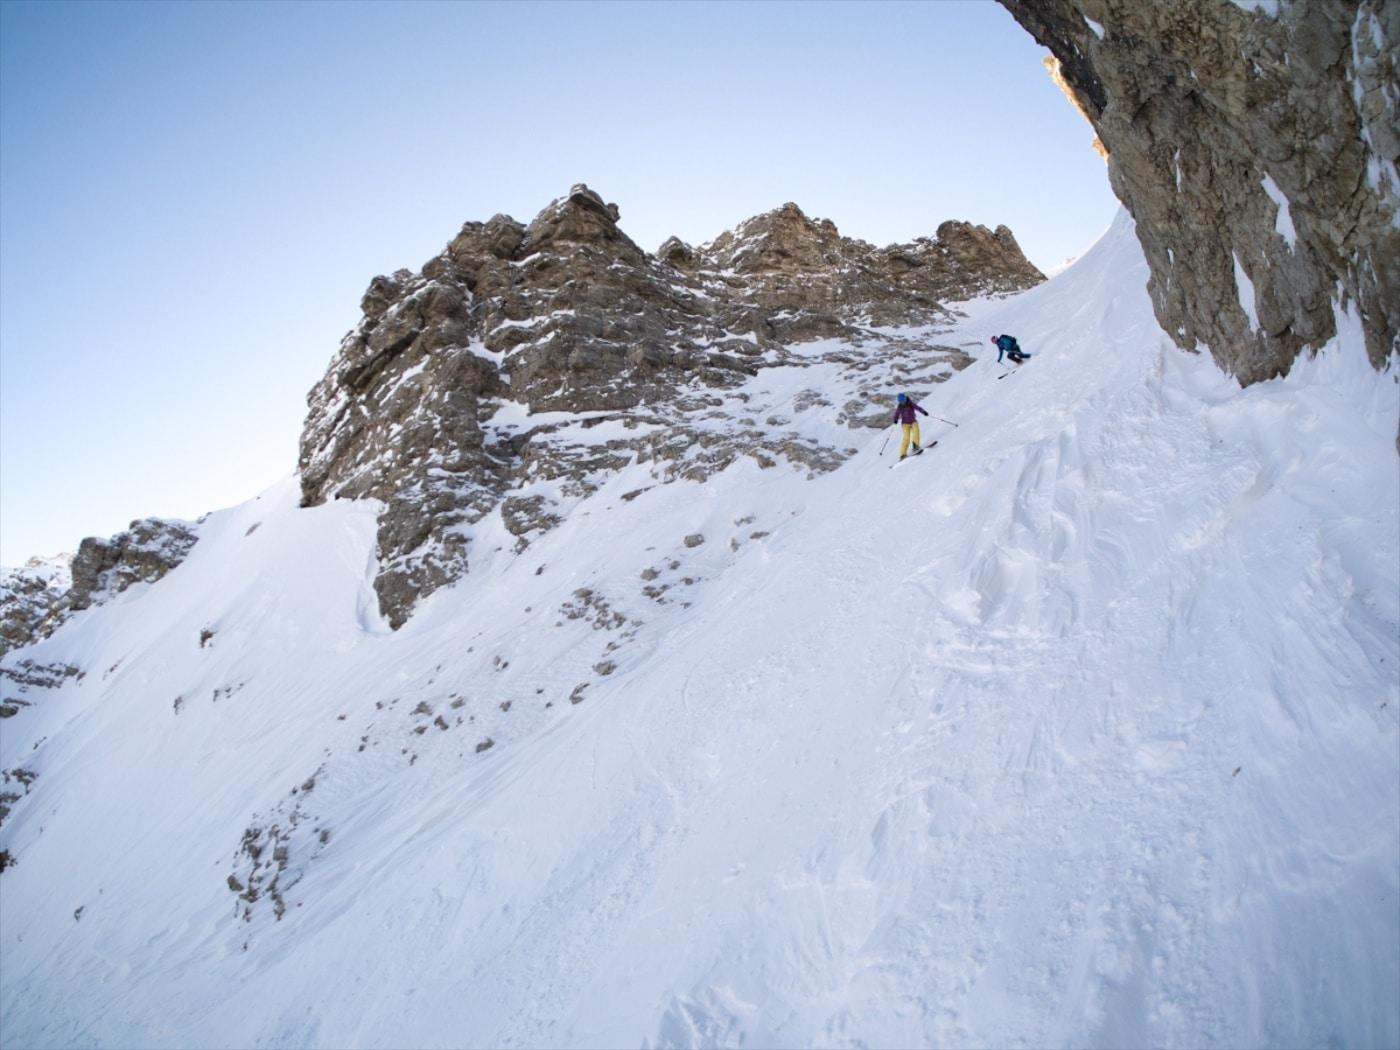 Freeriden in den Dolomiten - perfekte Verhältnisse und malerisches Panorama